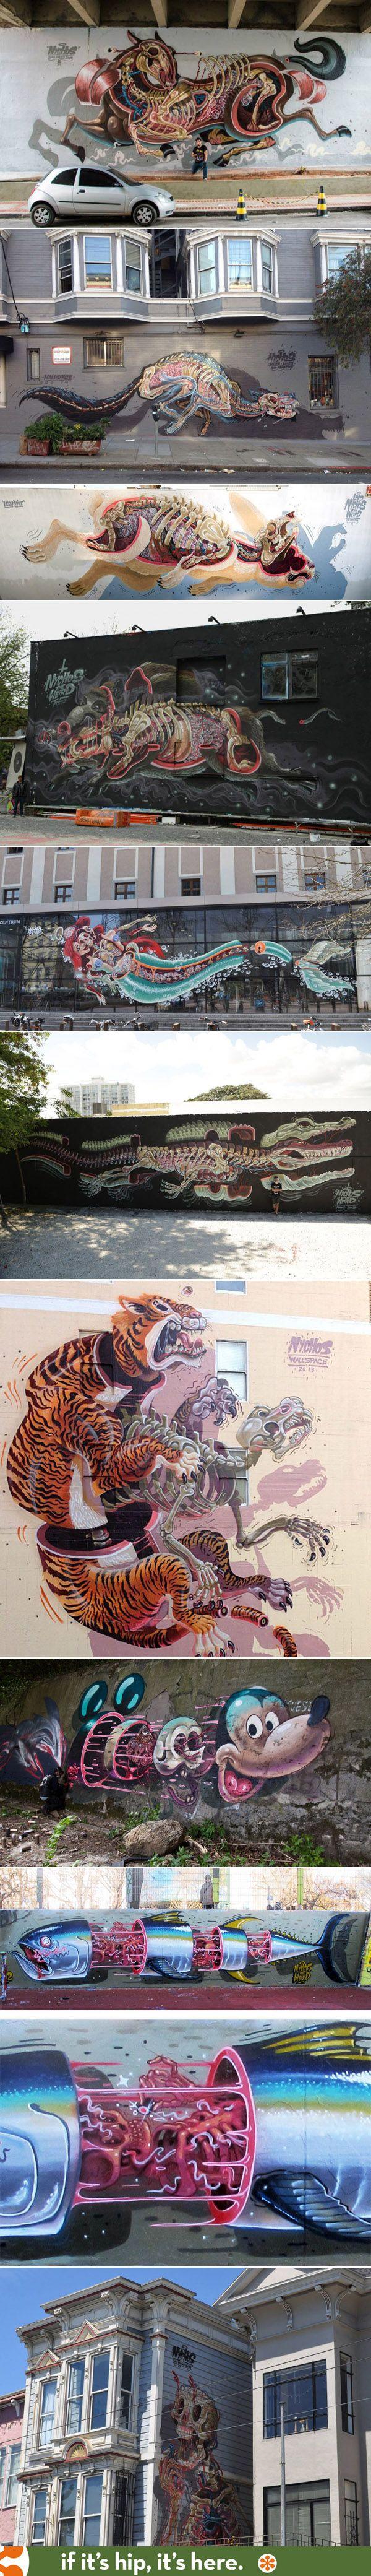 A look at the work of street Artist NYCHOS. Los mejores en el arte urbano